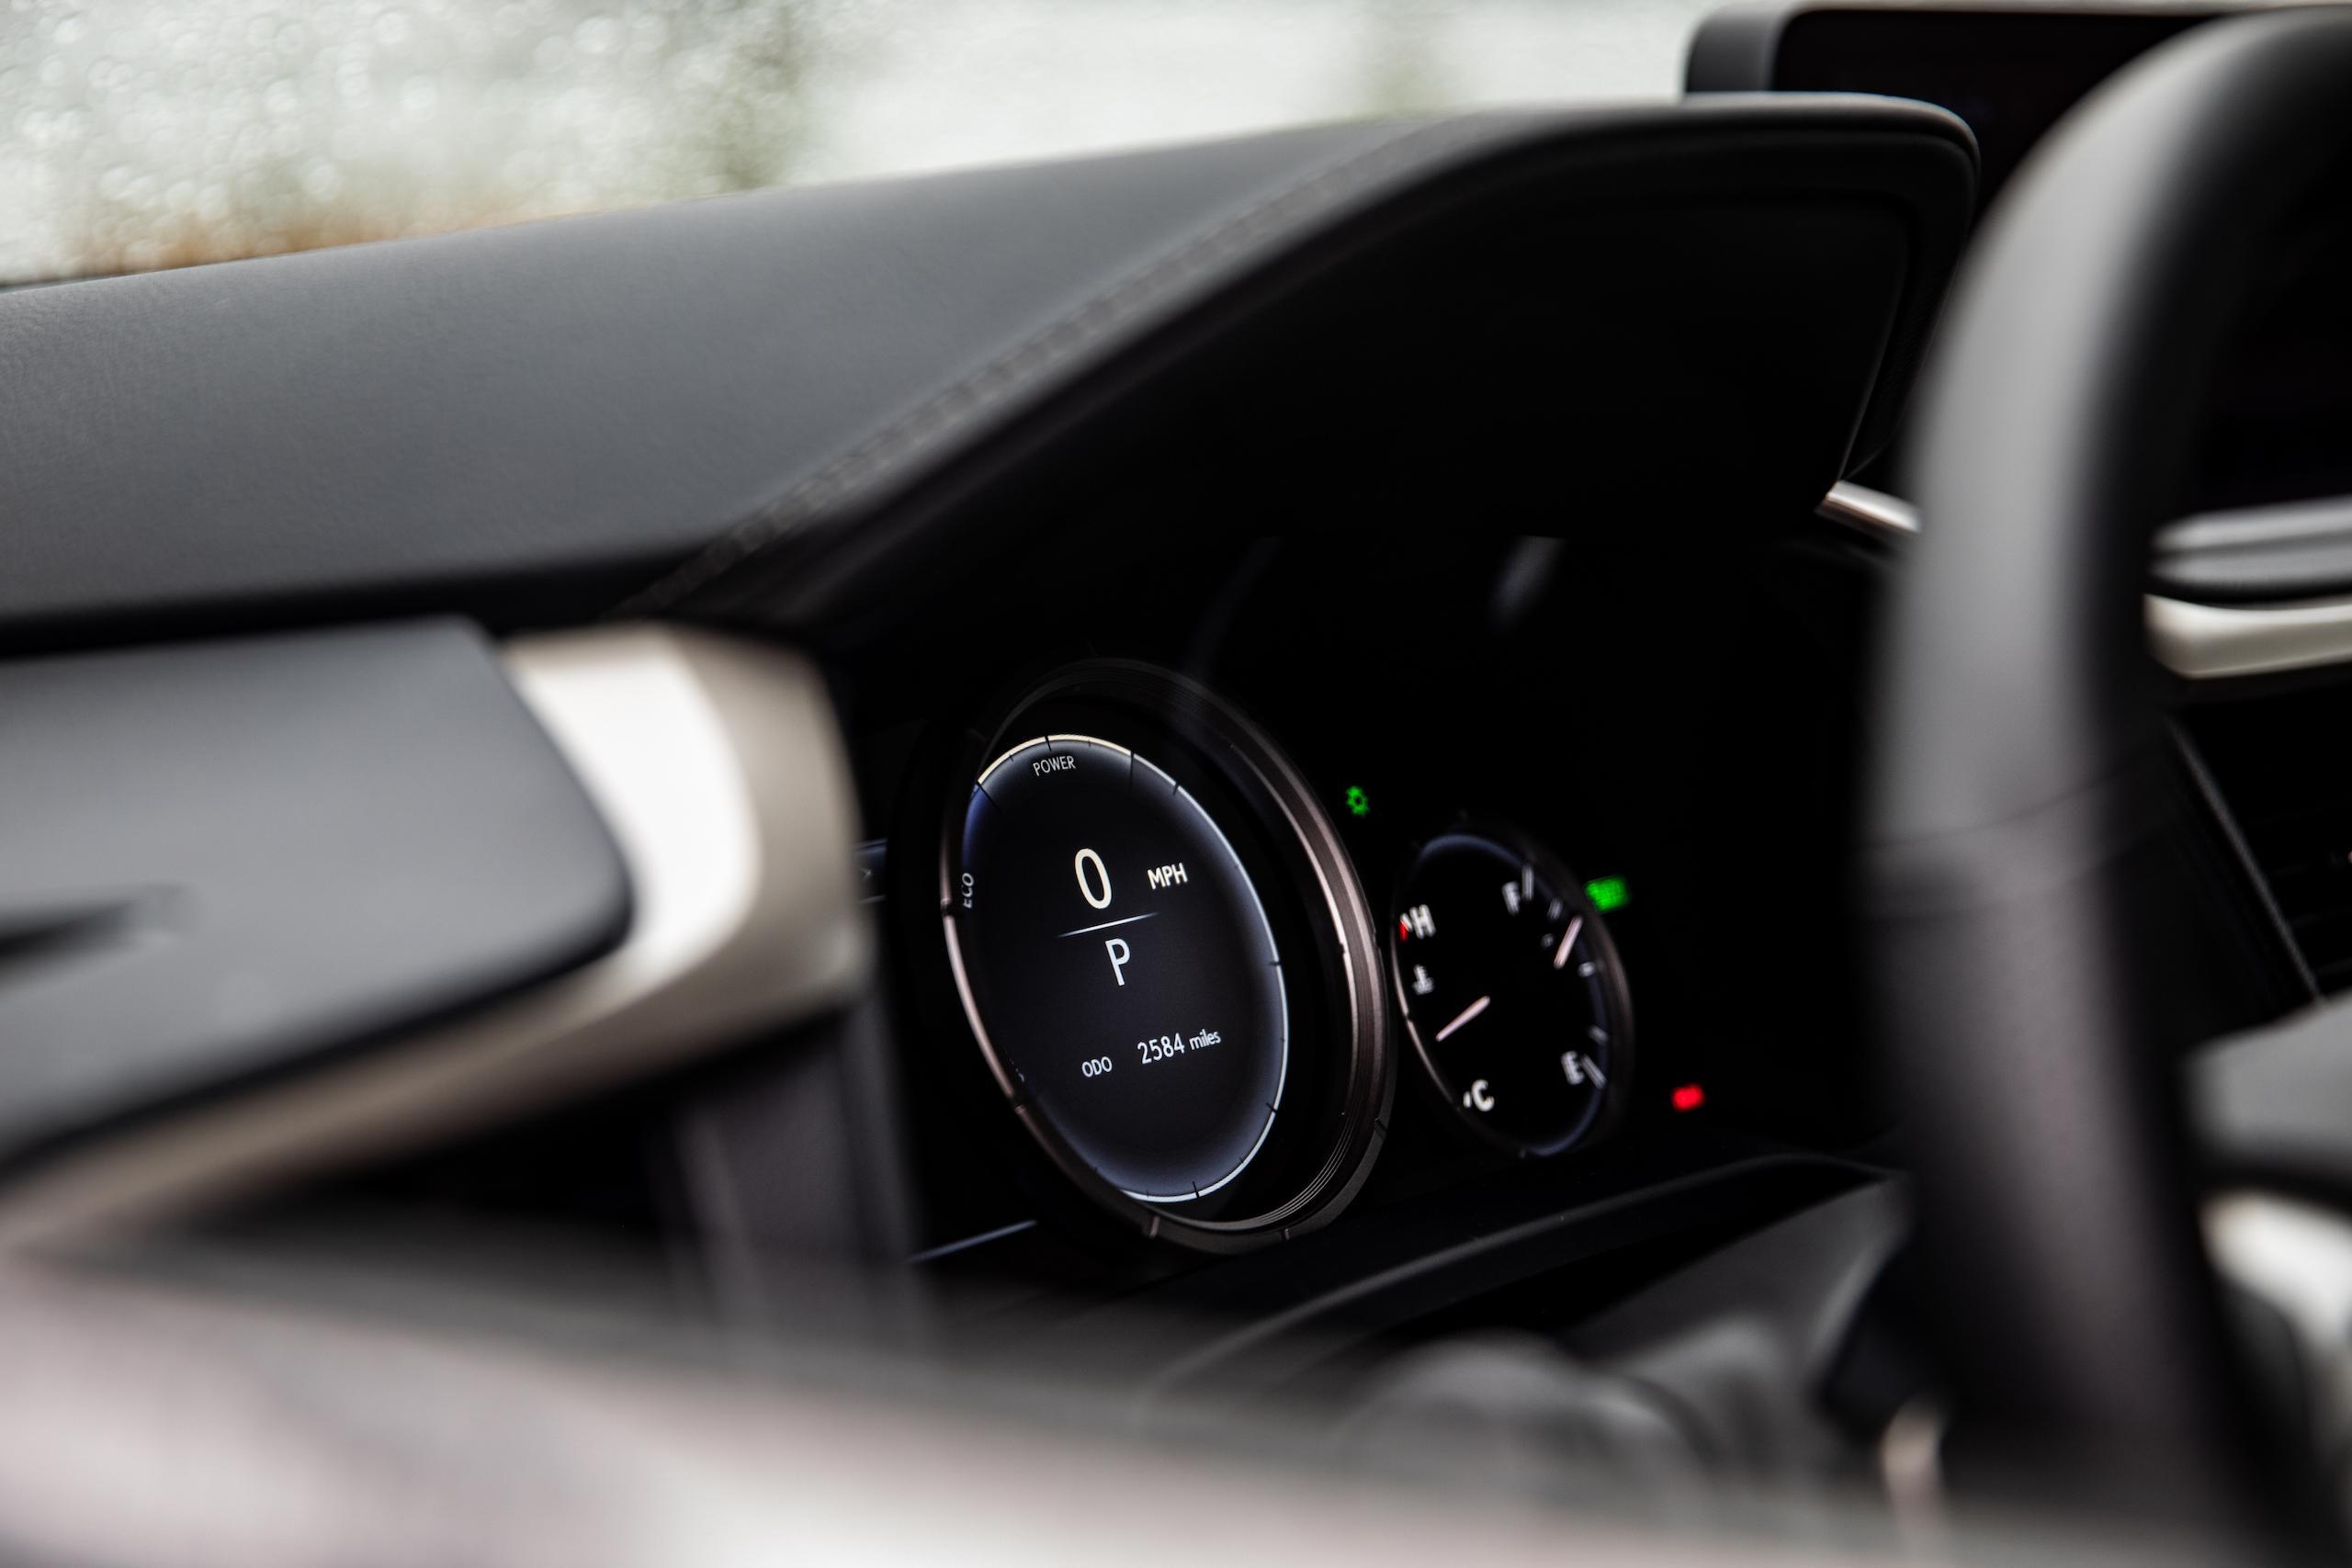 2021 Lexus RX450h interior dash